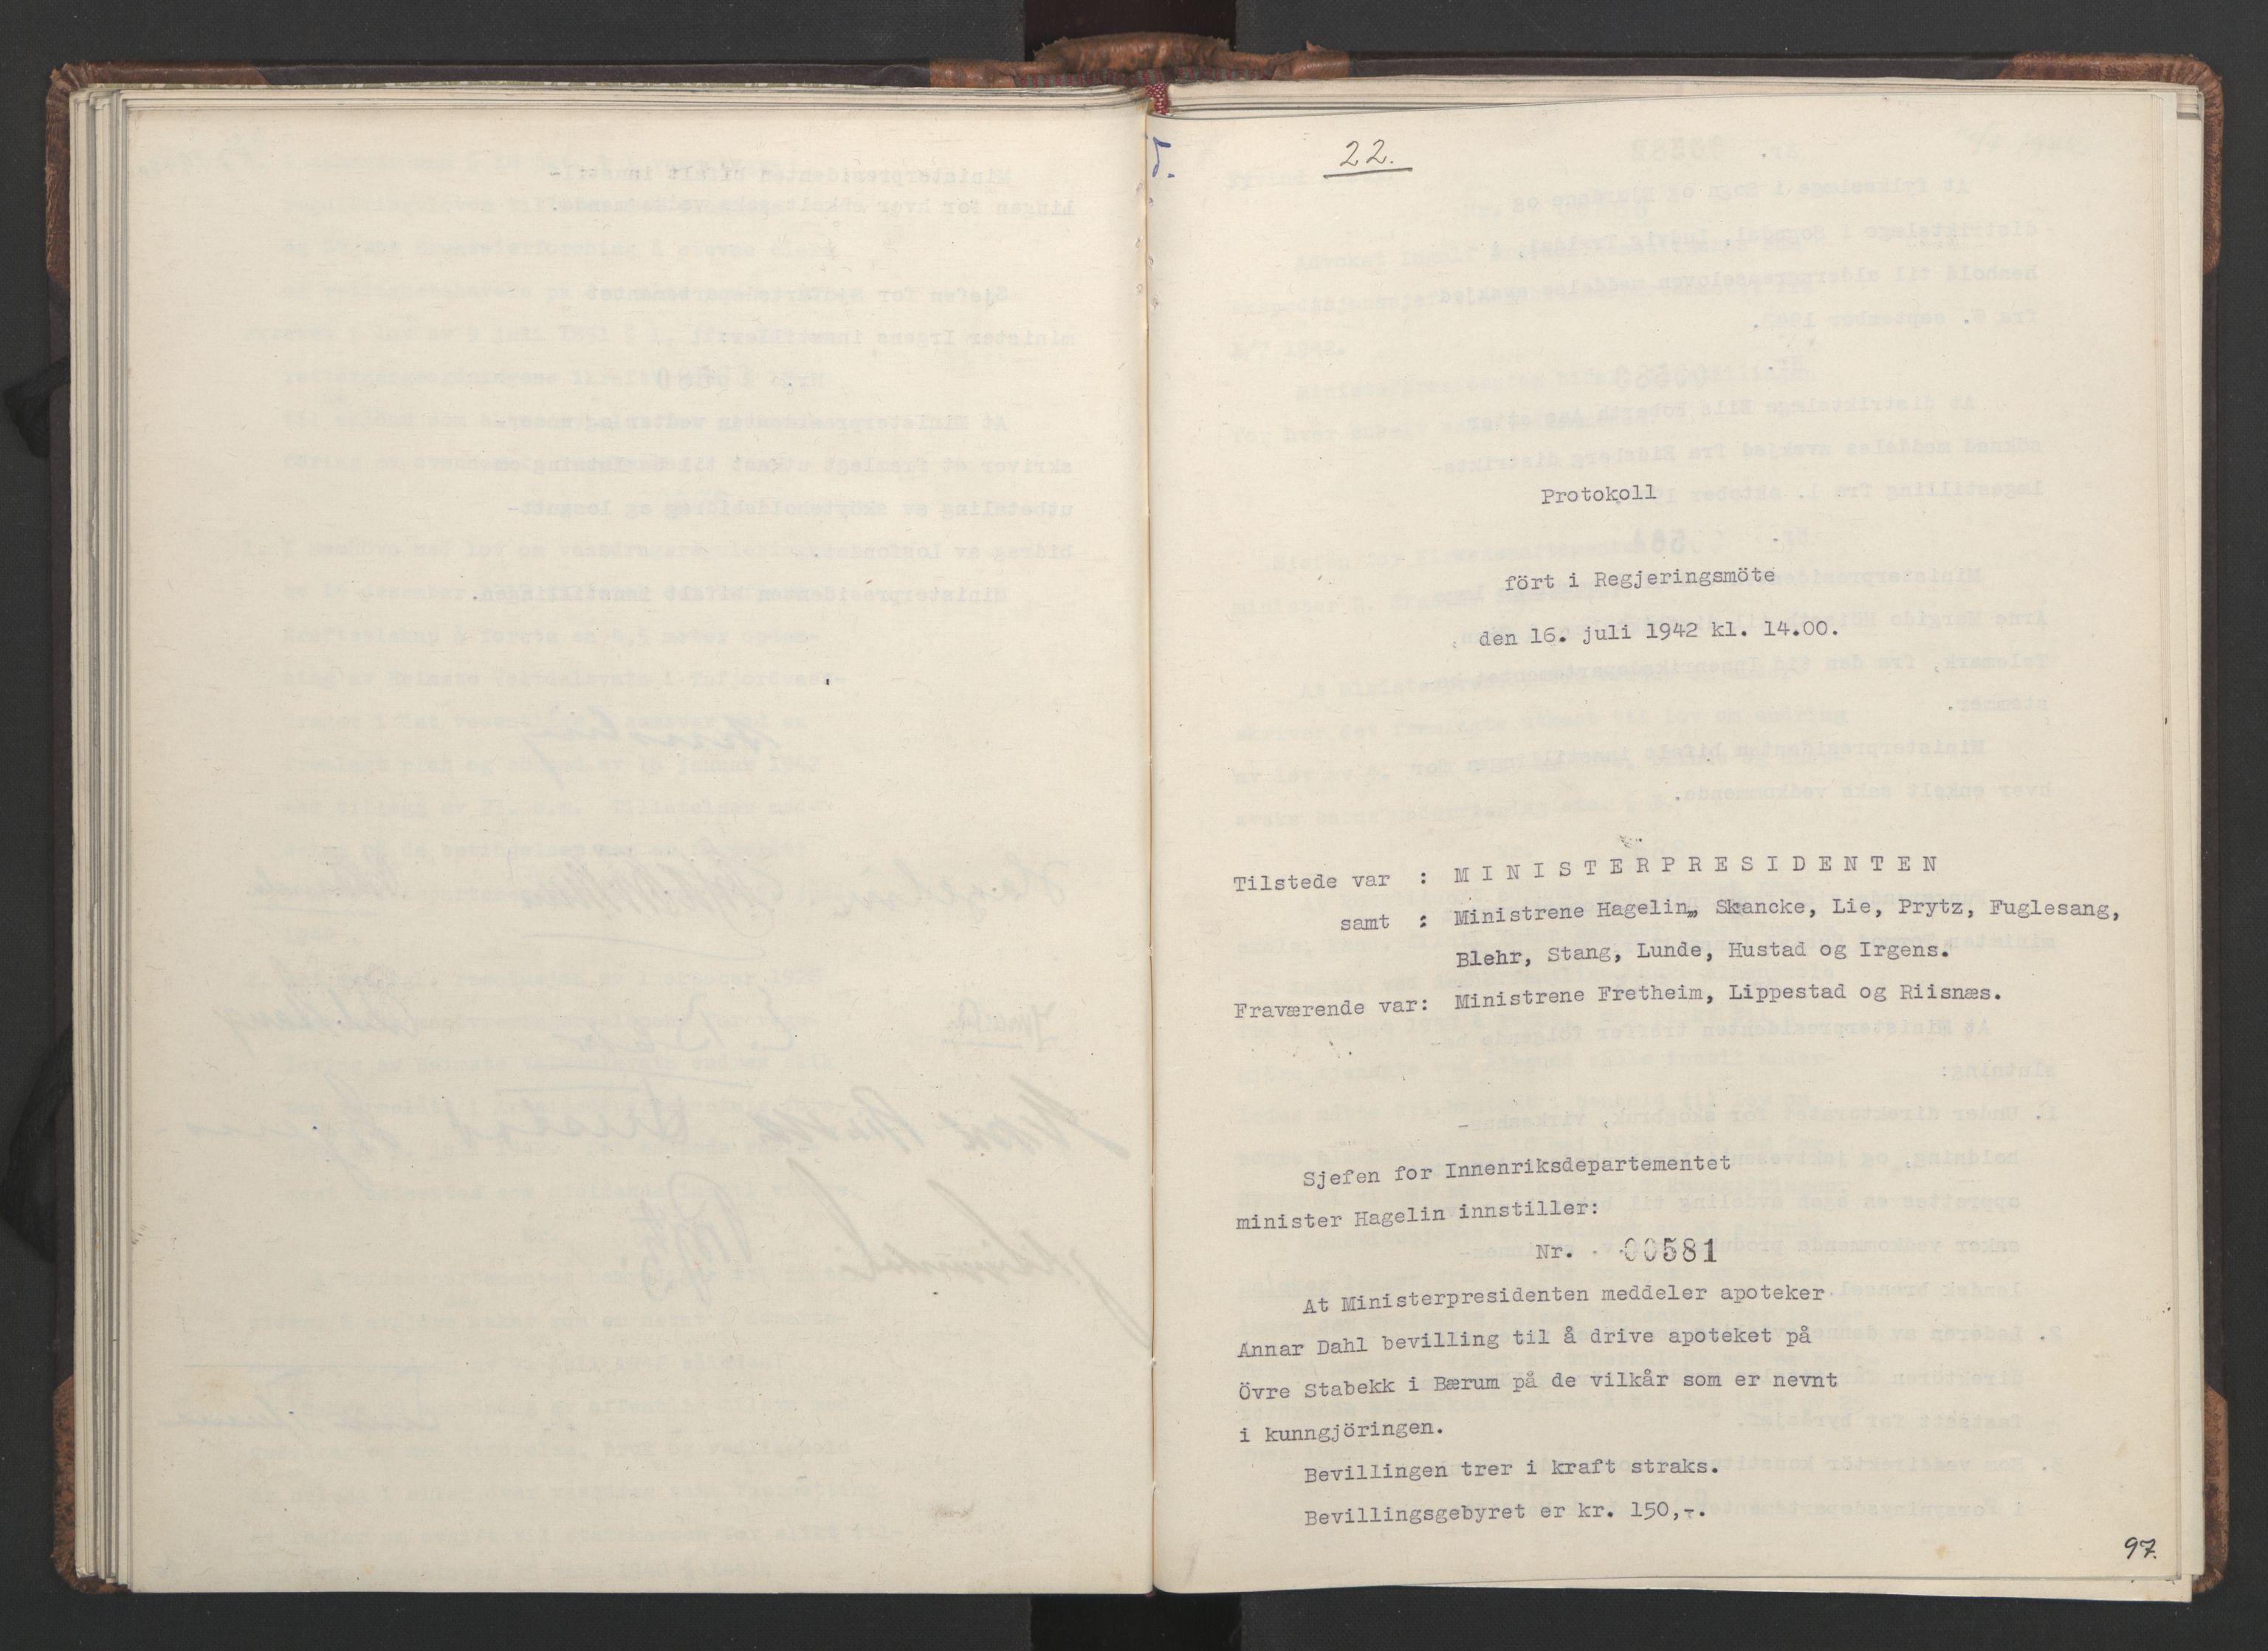 RA, NS-administrasjonen 1940-1945 (Statsrådsekretariatet, de kommisariske statsråder mm), D/Da/L0001: Beslutninger og tillegg (1-952 og 1-32), 1942, s. 96b-97a